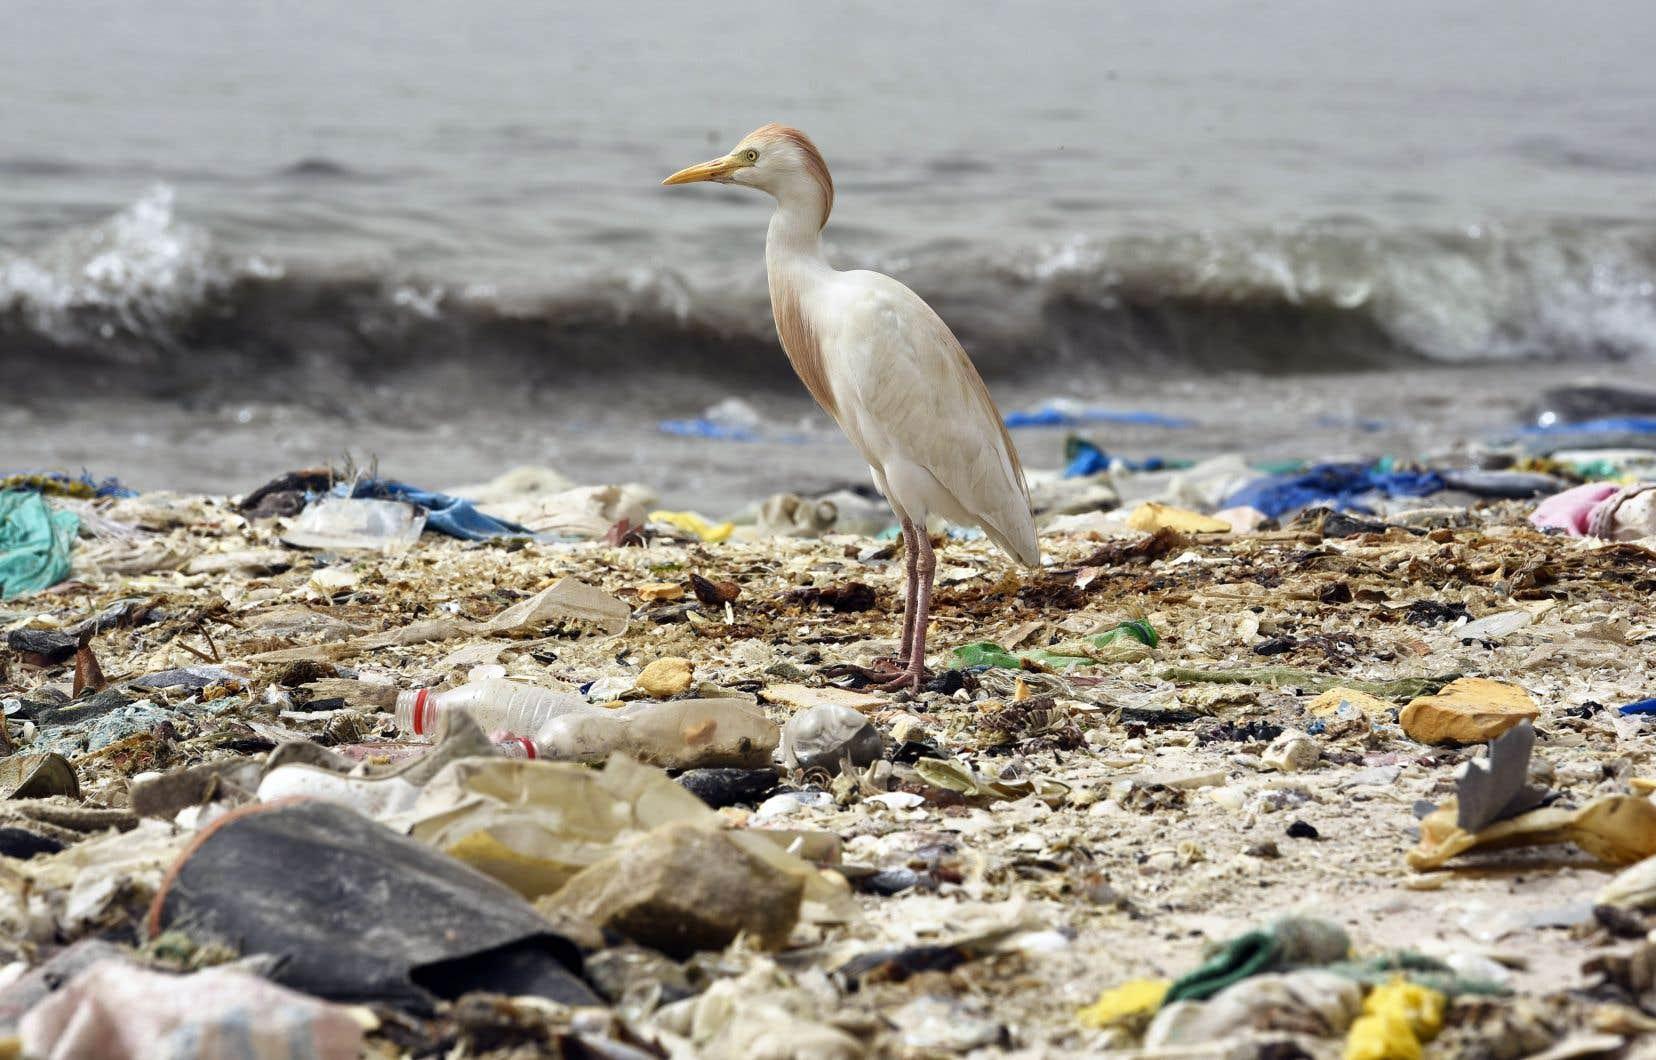 Un oiseau se tient au milieu d'une plage de Dakar, au Sénégal, jonchée de déchets de plastique.